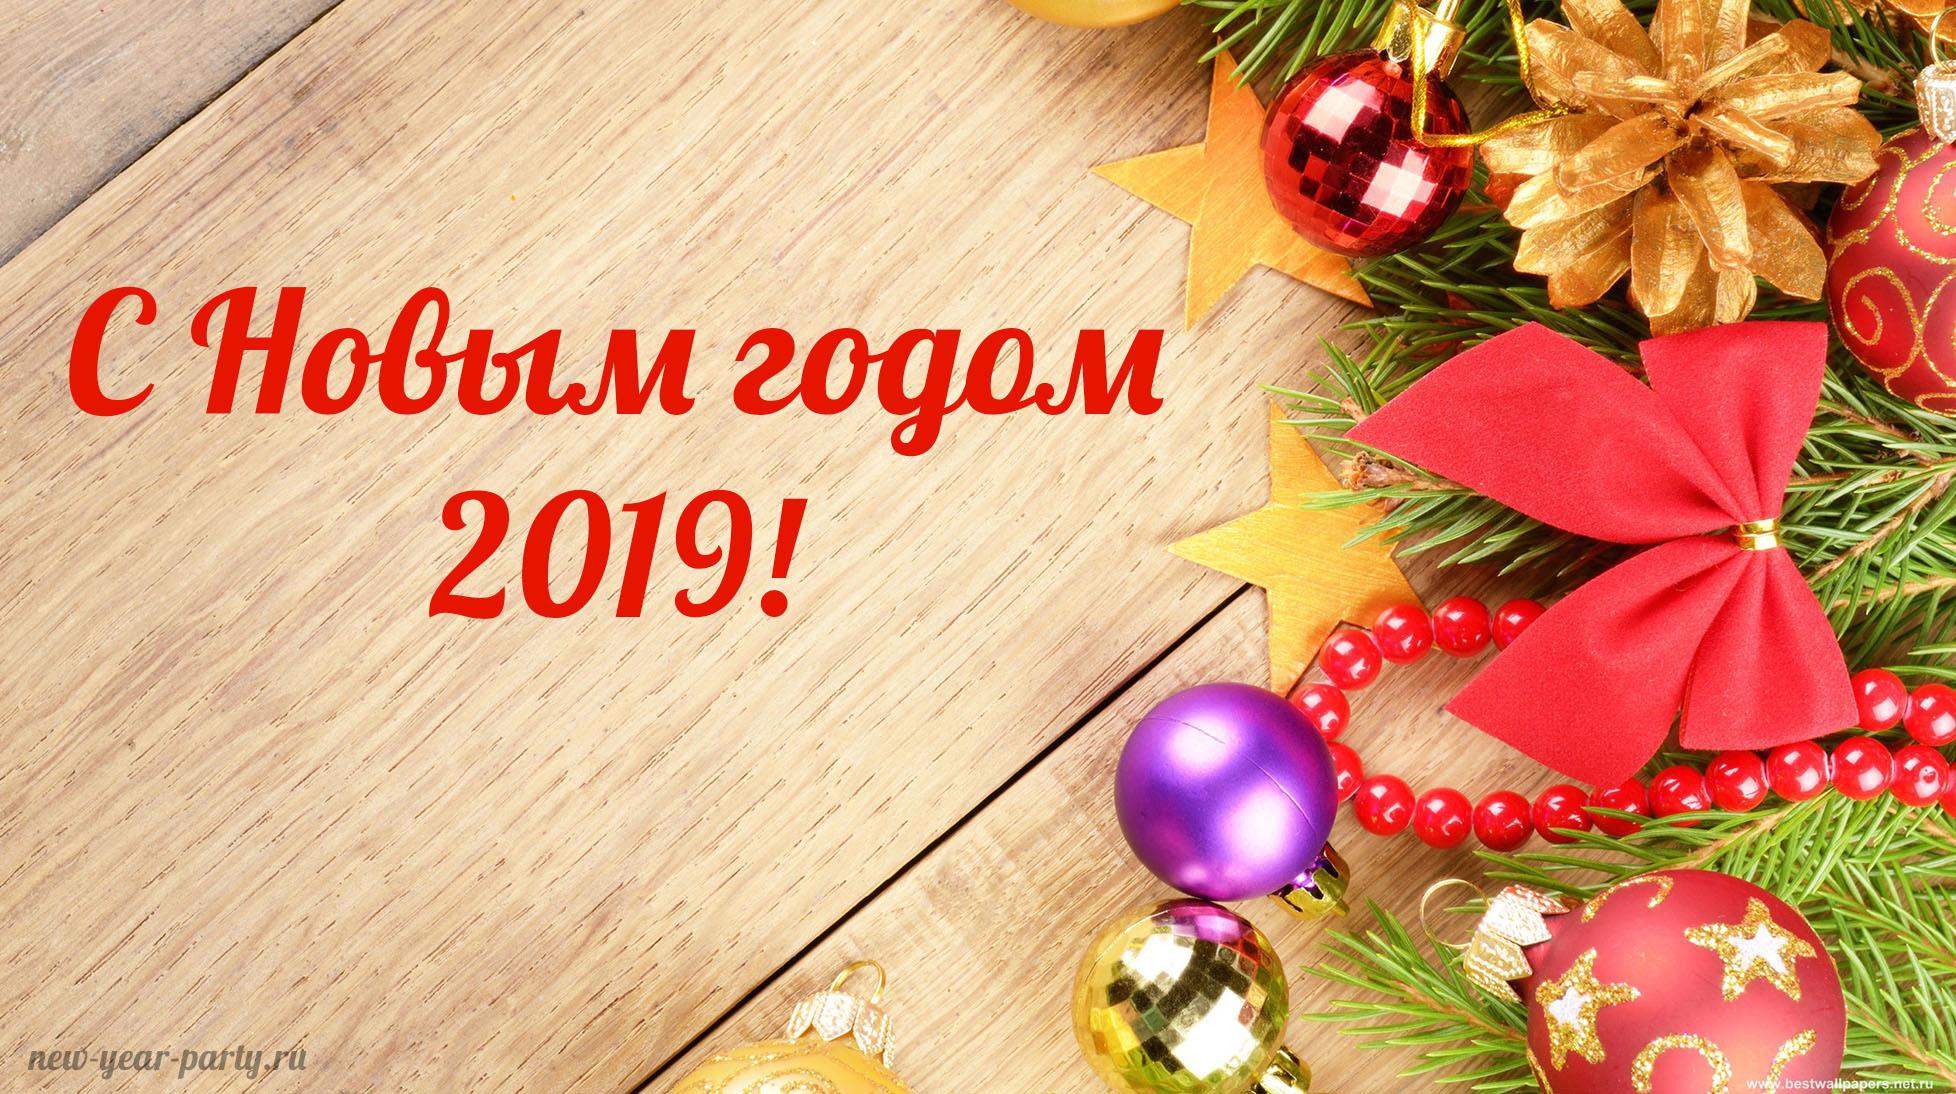 Официальные поздравления с Новым 2019 годом фото